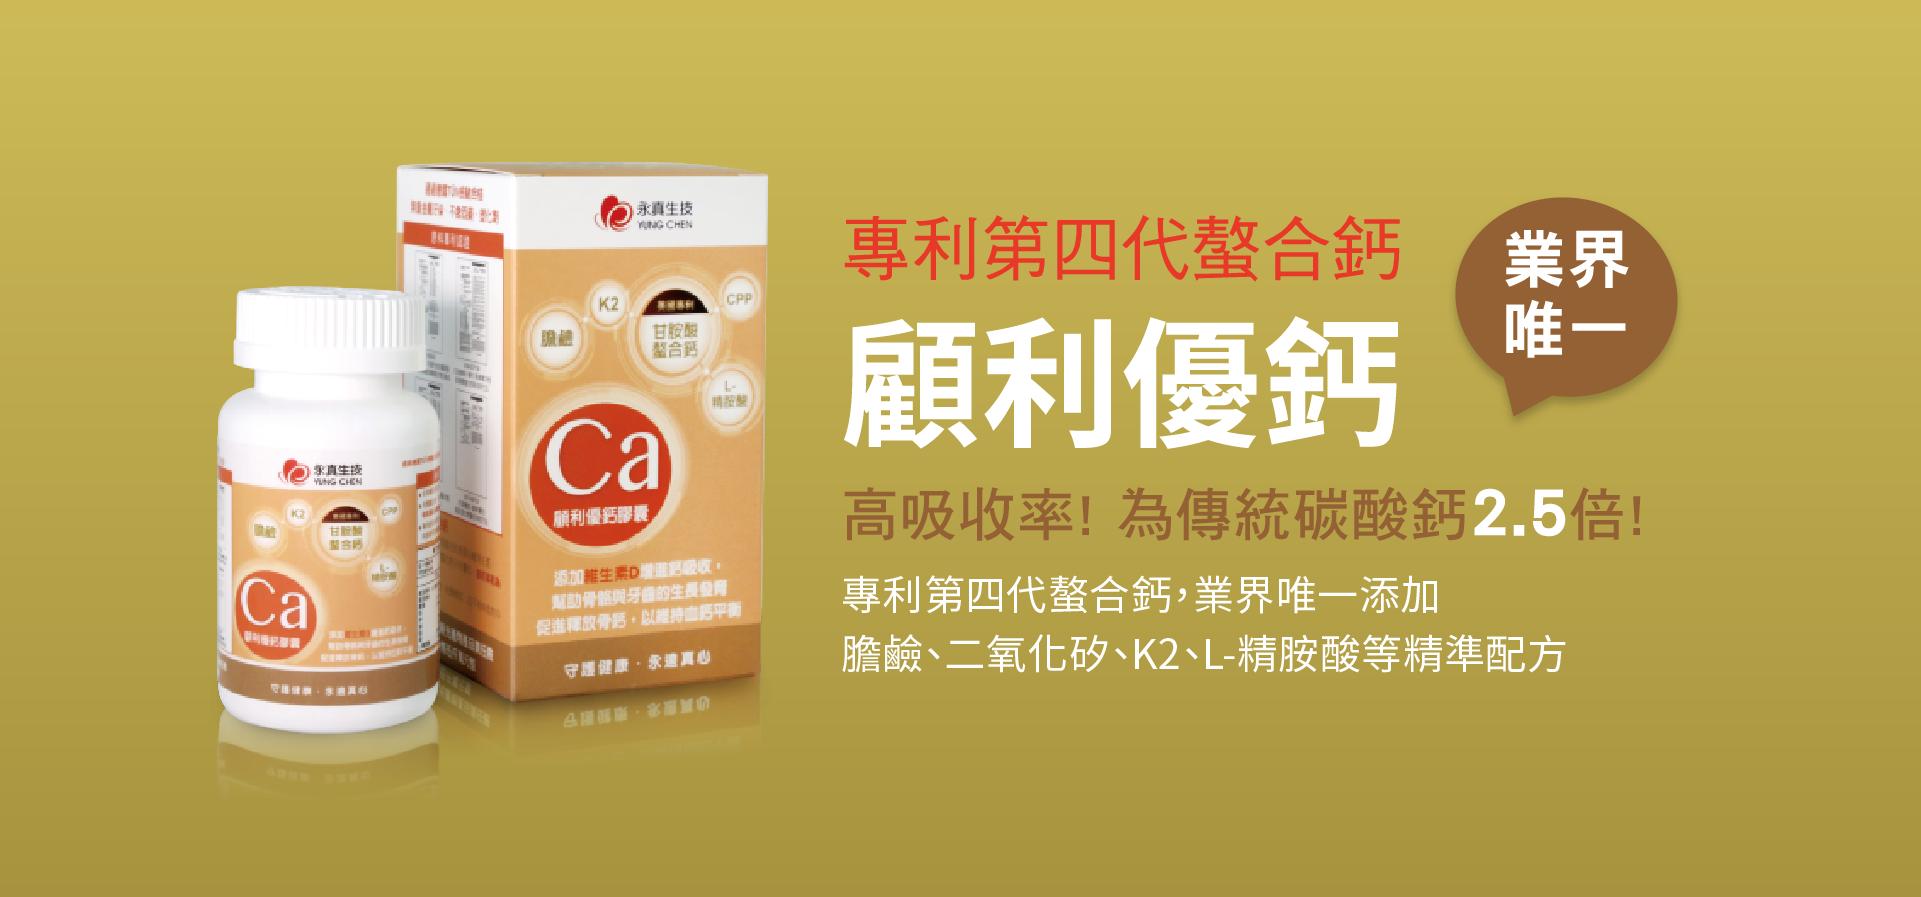 顧利優鈣甘氨酸螯合鈣